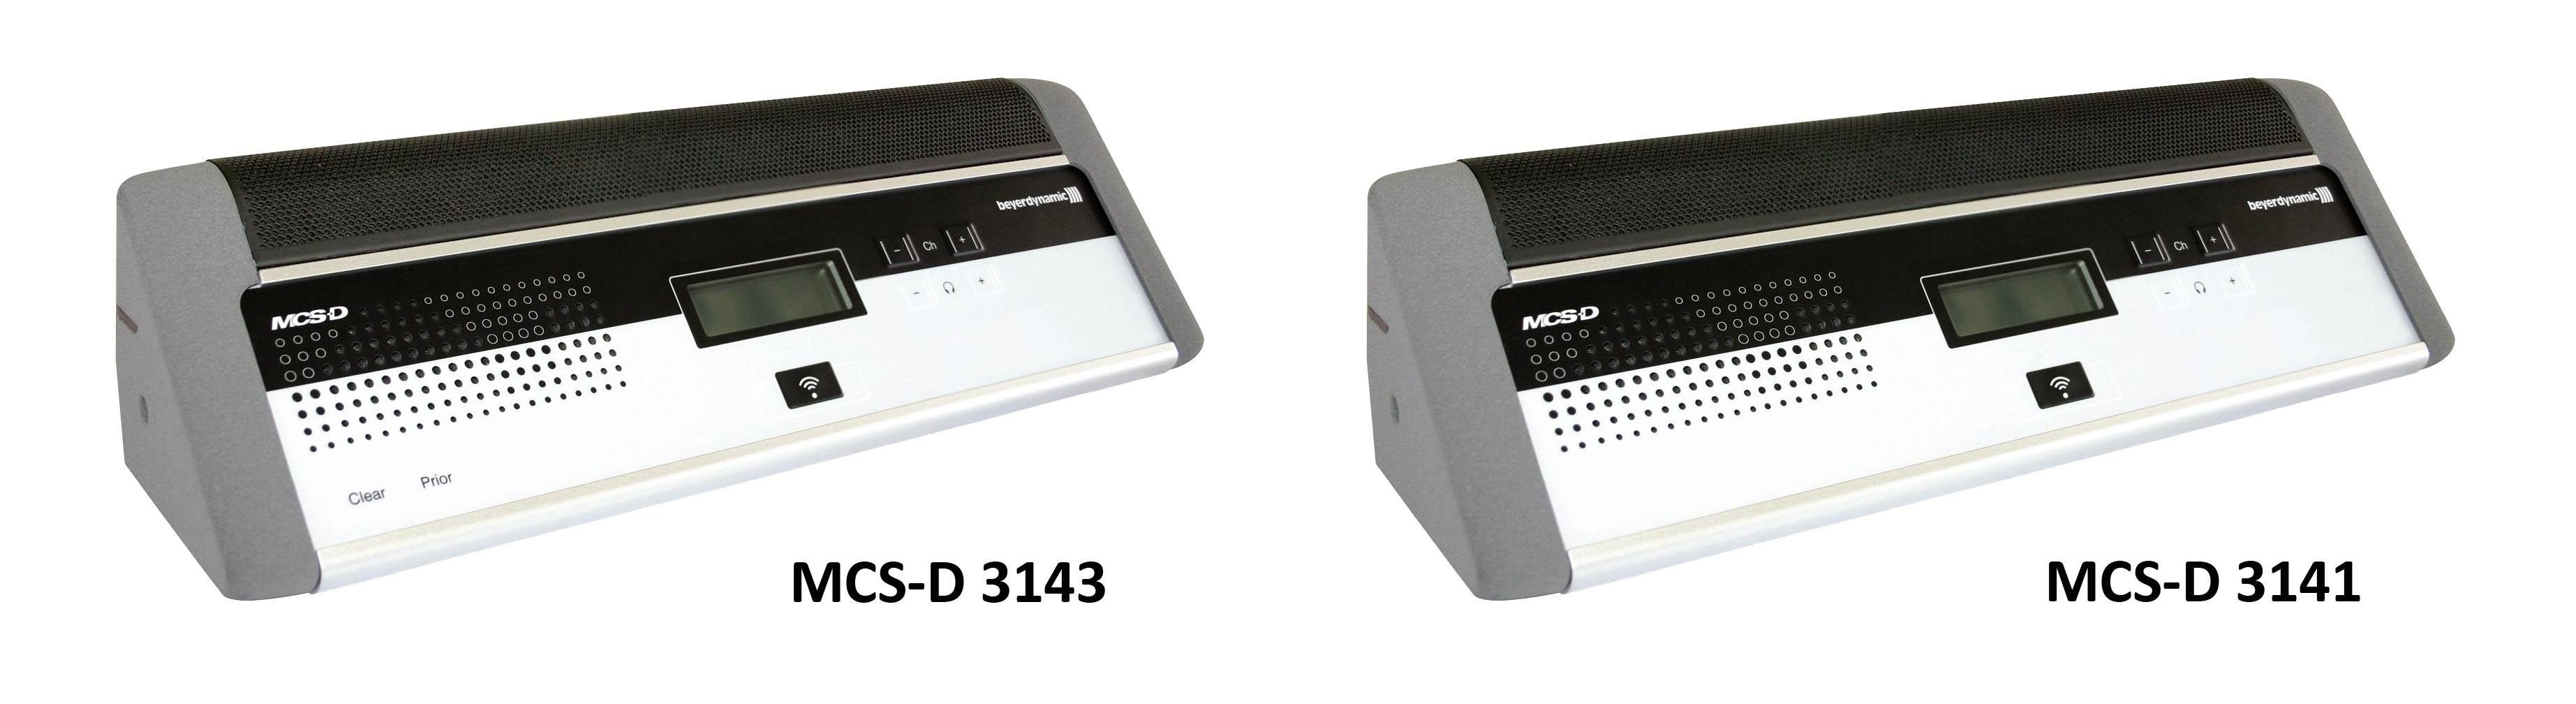 یونیت کنفرانس دیجیتال محصول کمپانی Beyerdynamic ( بیرداینامیک ) مدل MCS-D 3141 , 3143